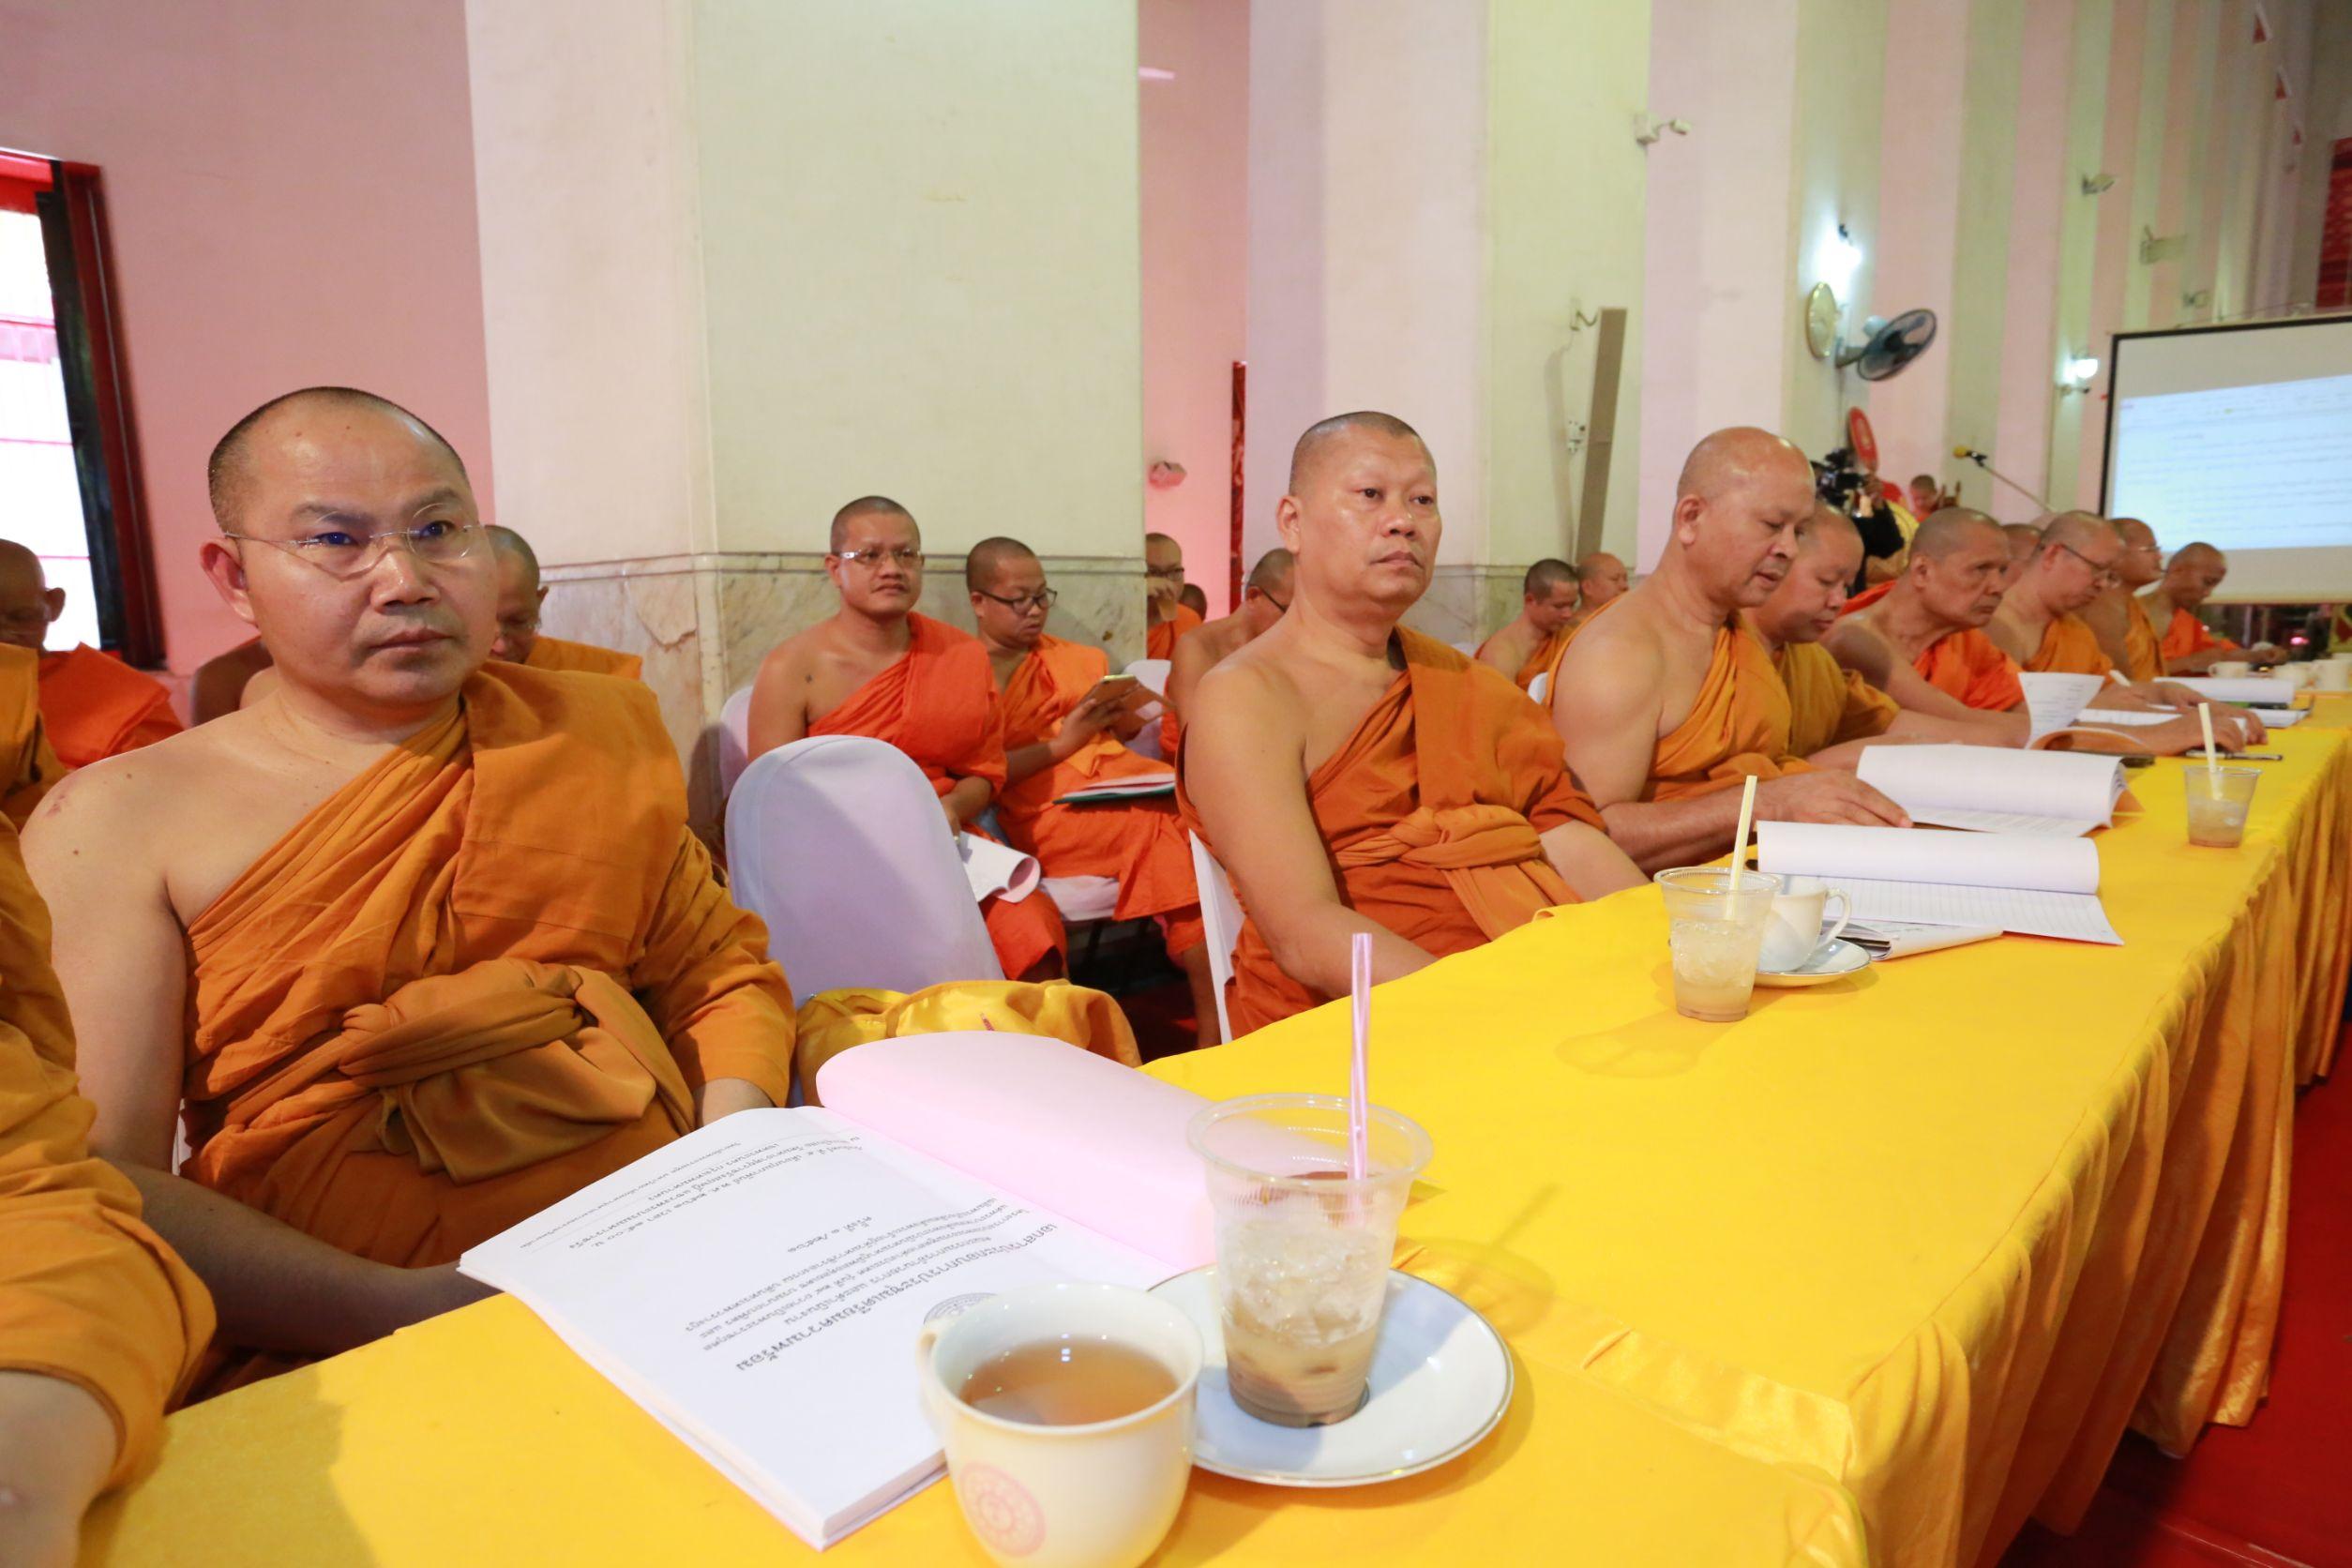 610205 ประชุม กก อำนวยการ-ดำเนินงาน พระธรรมทูตรุ่น24 โดย วพท 35